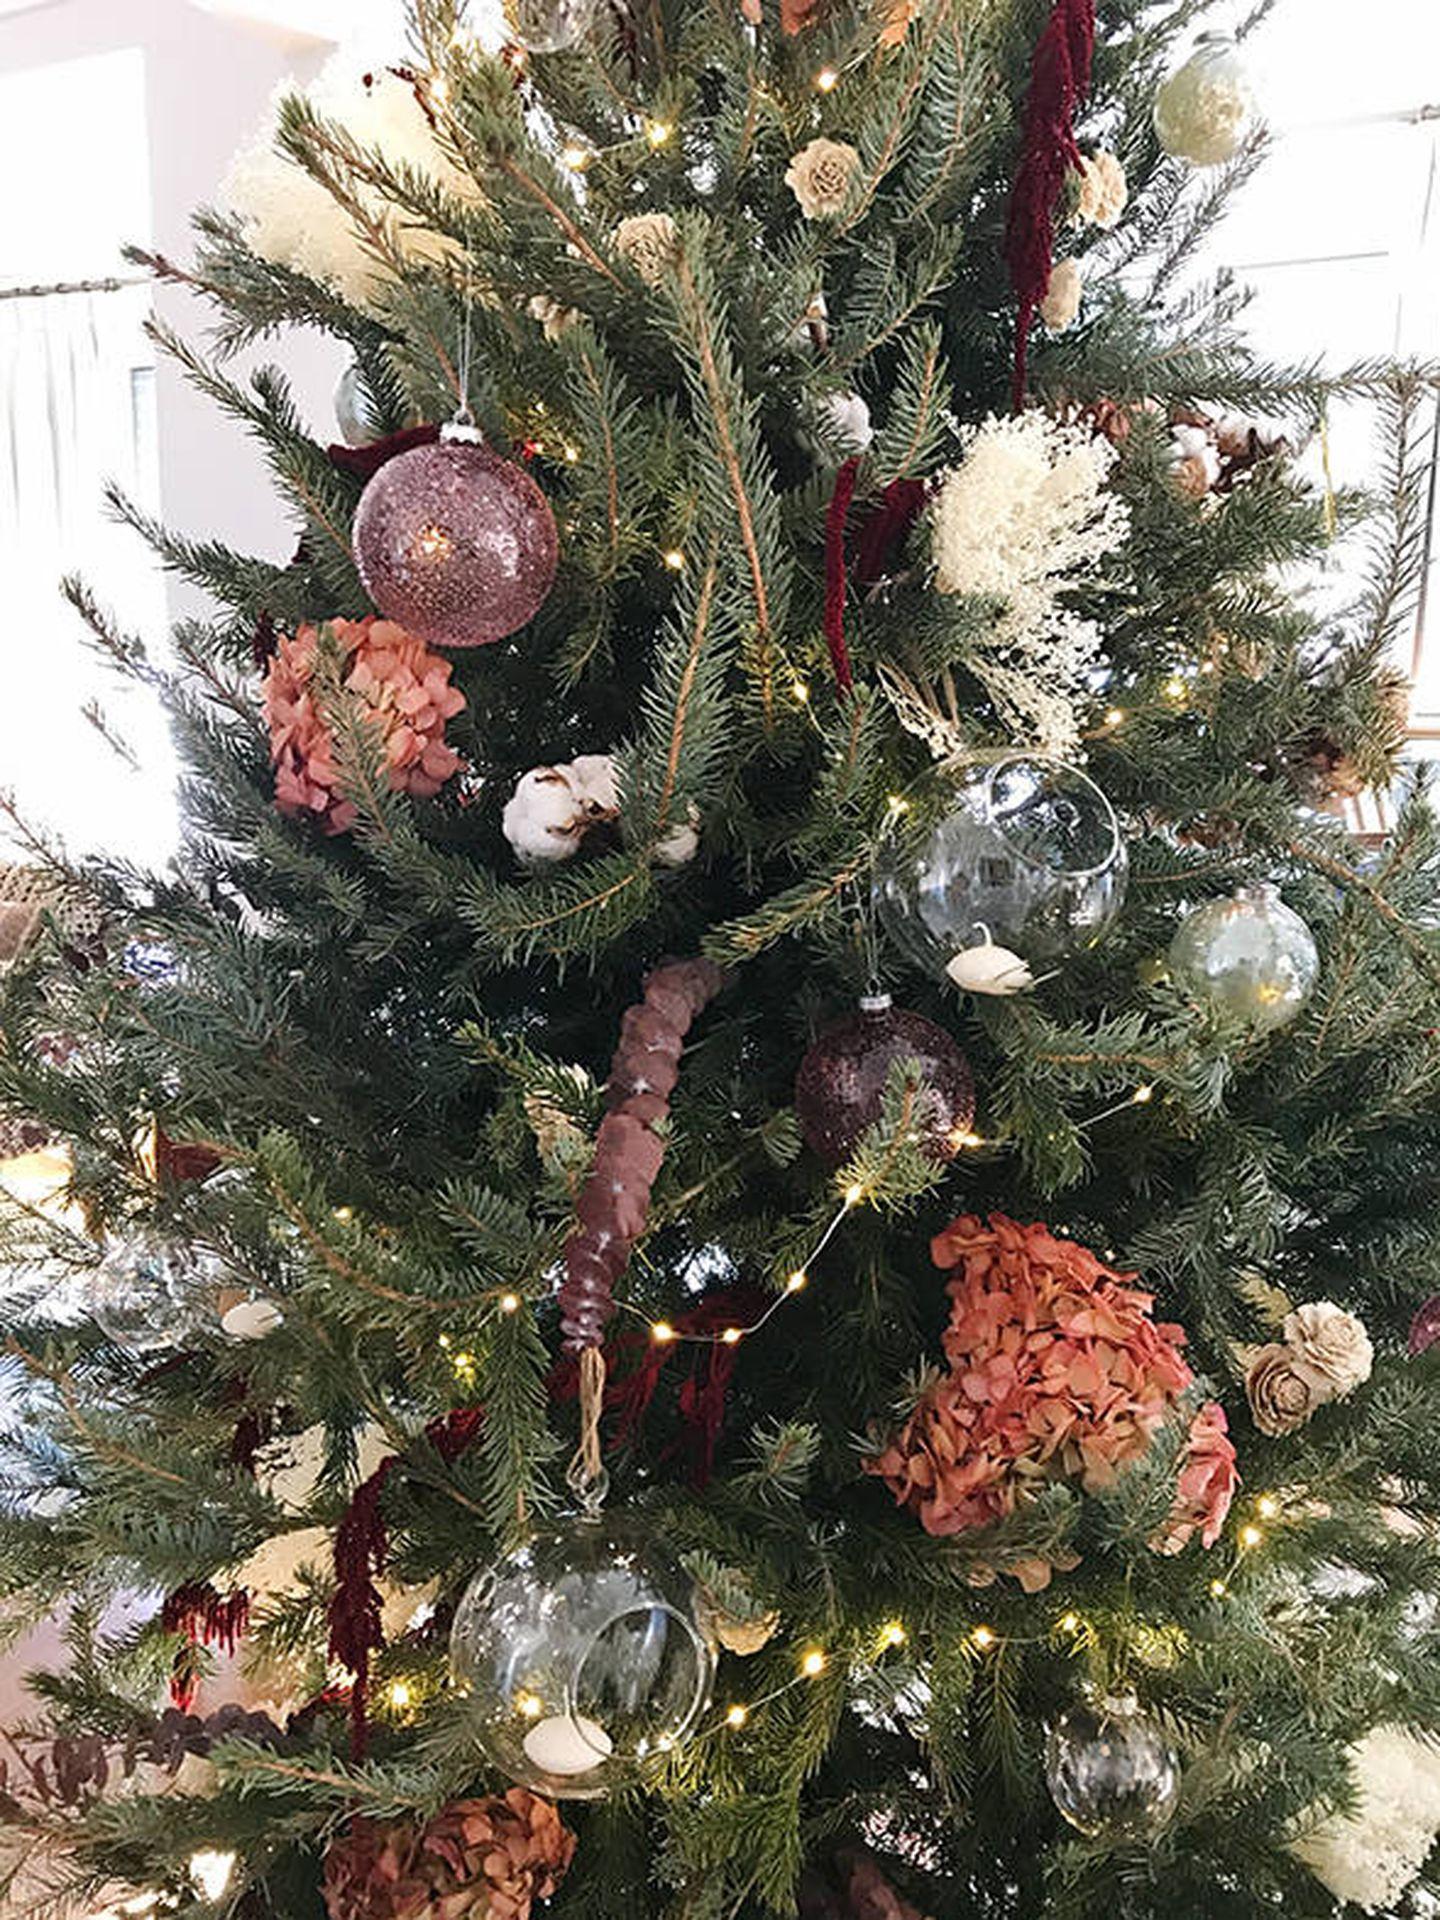 El árbol que adornará tu Navidad. (Cortesía Marengo)